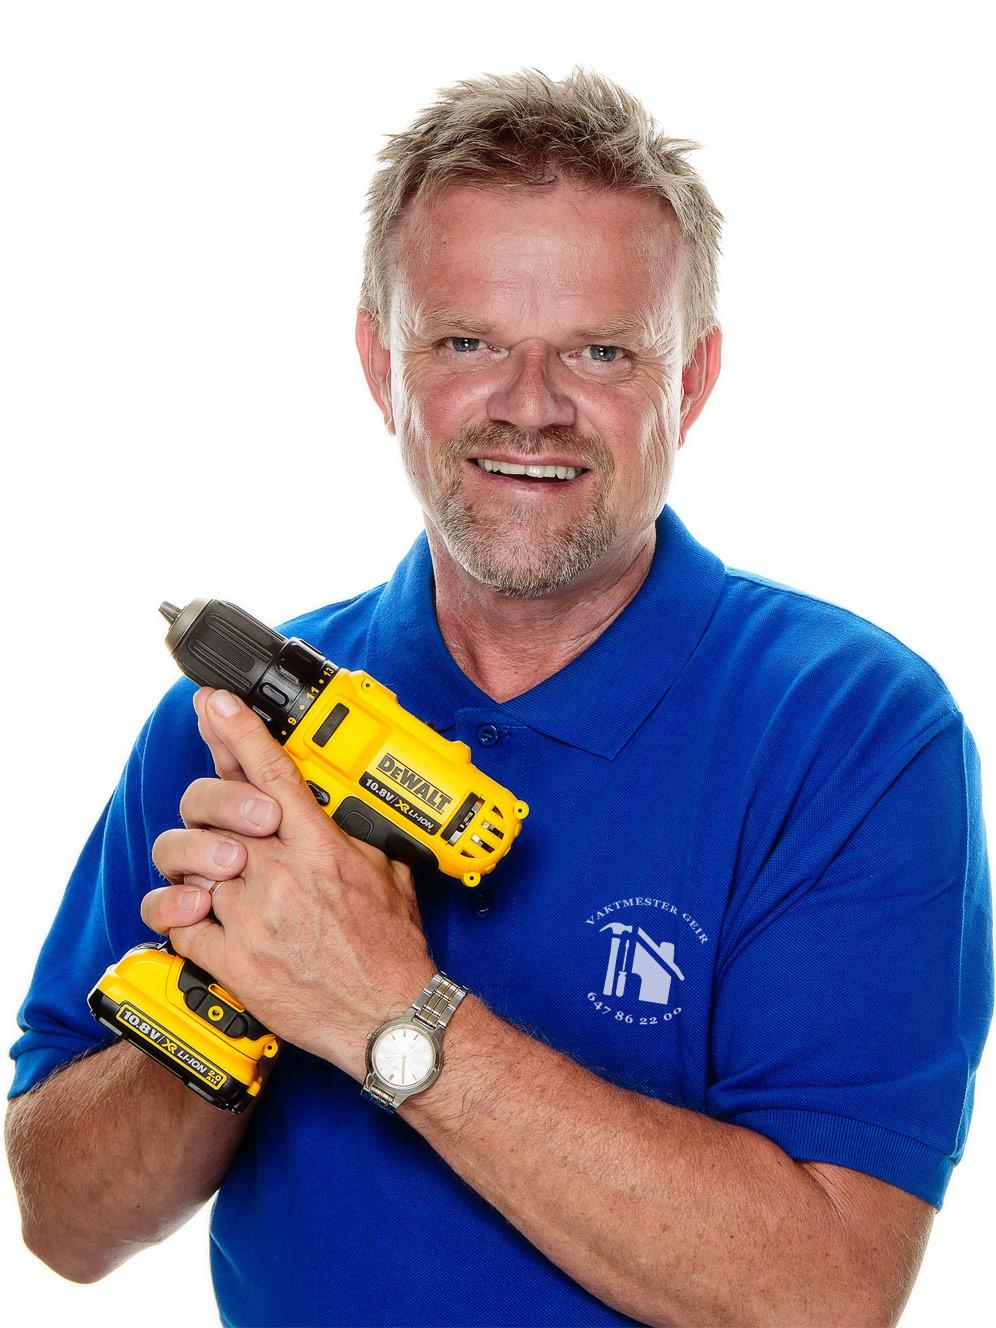 Geir Thorsen